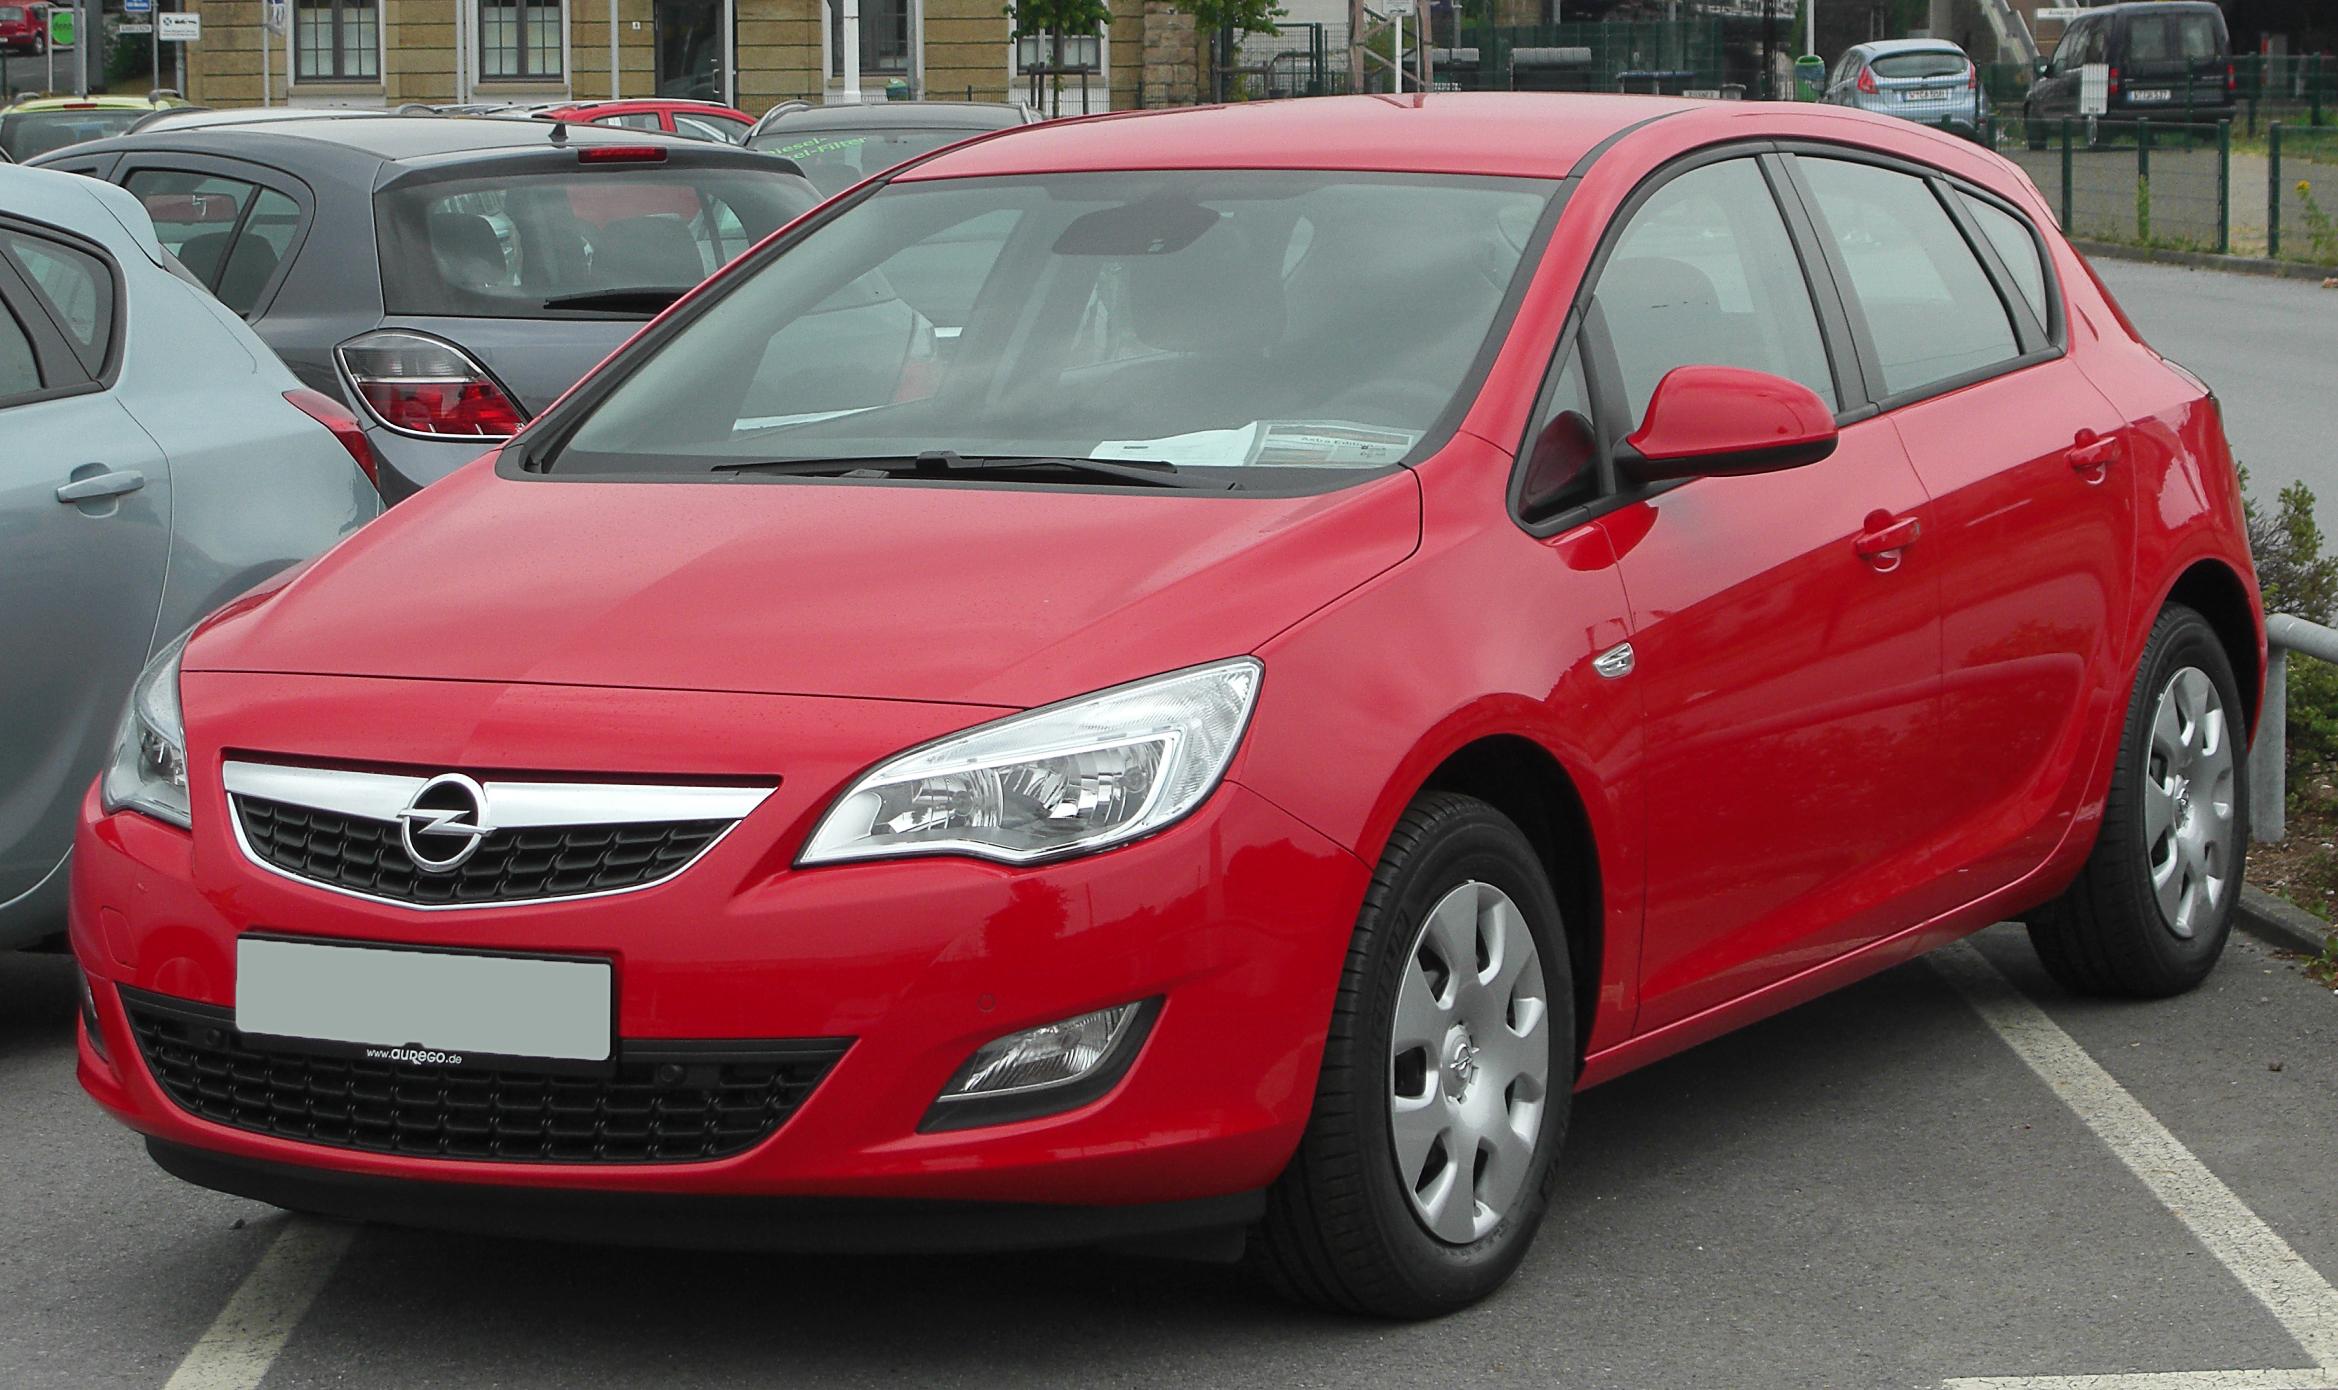 Młodzieńczy Opel Astra J – Wikipedia, wolna encyklopedia GX67